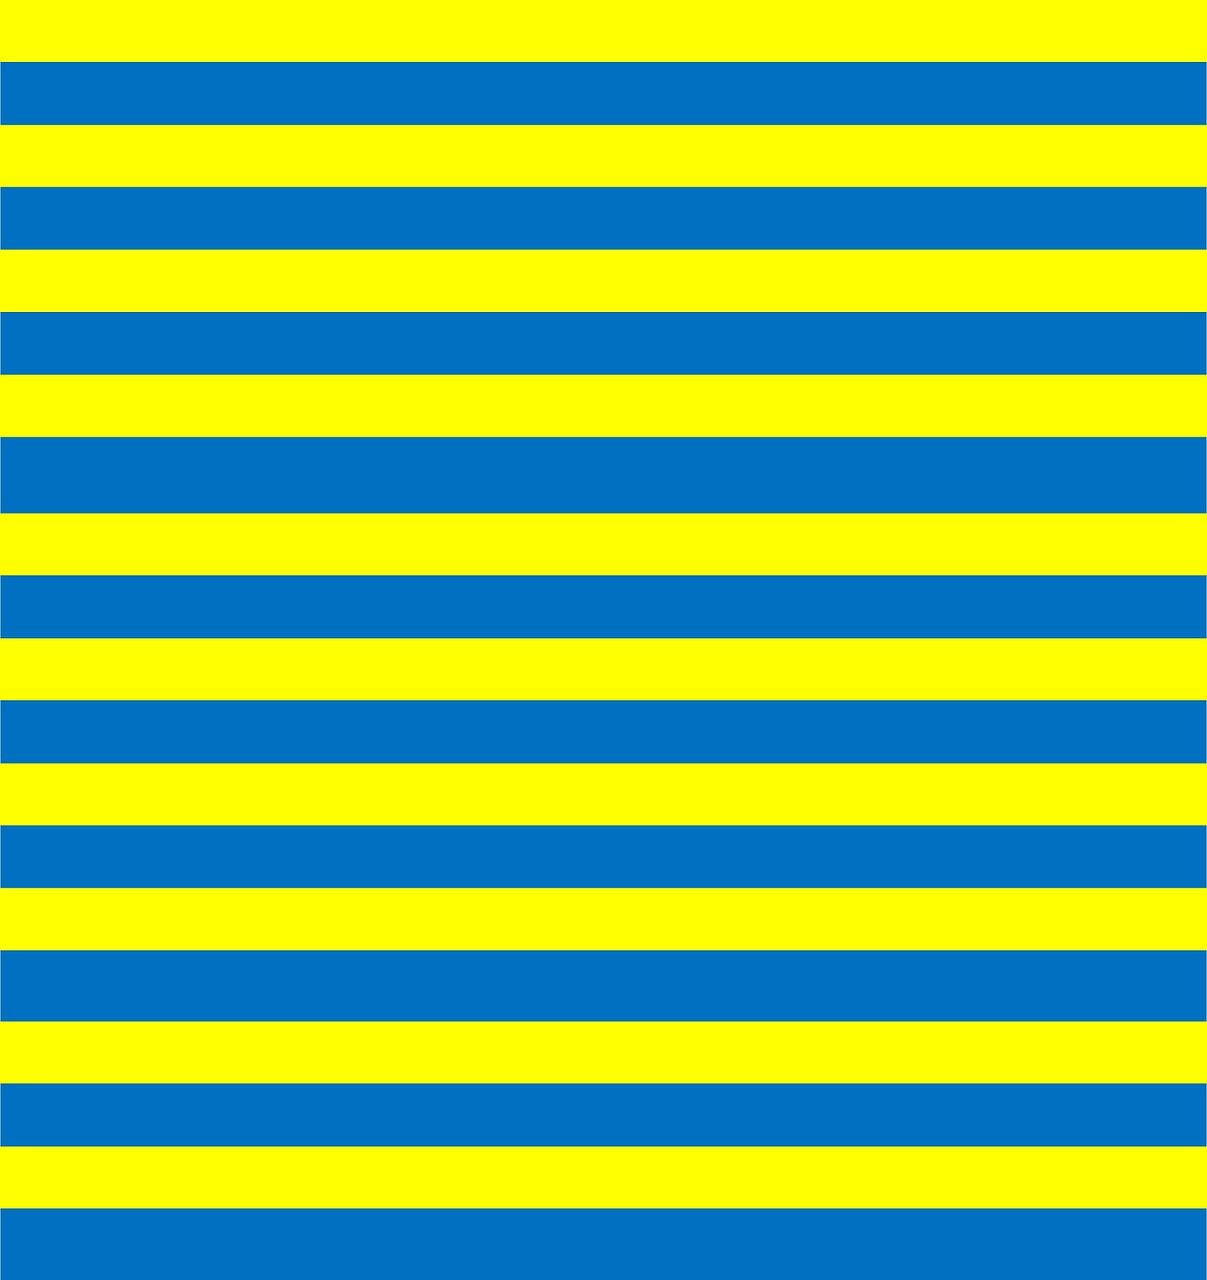 Background Stripes Yellow   Free image on Pixabay